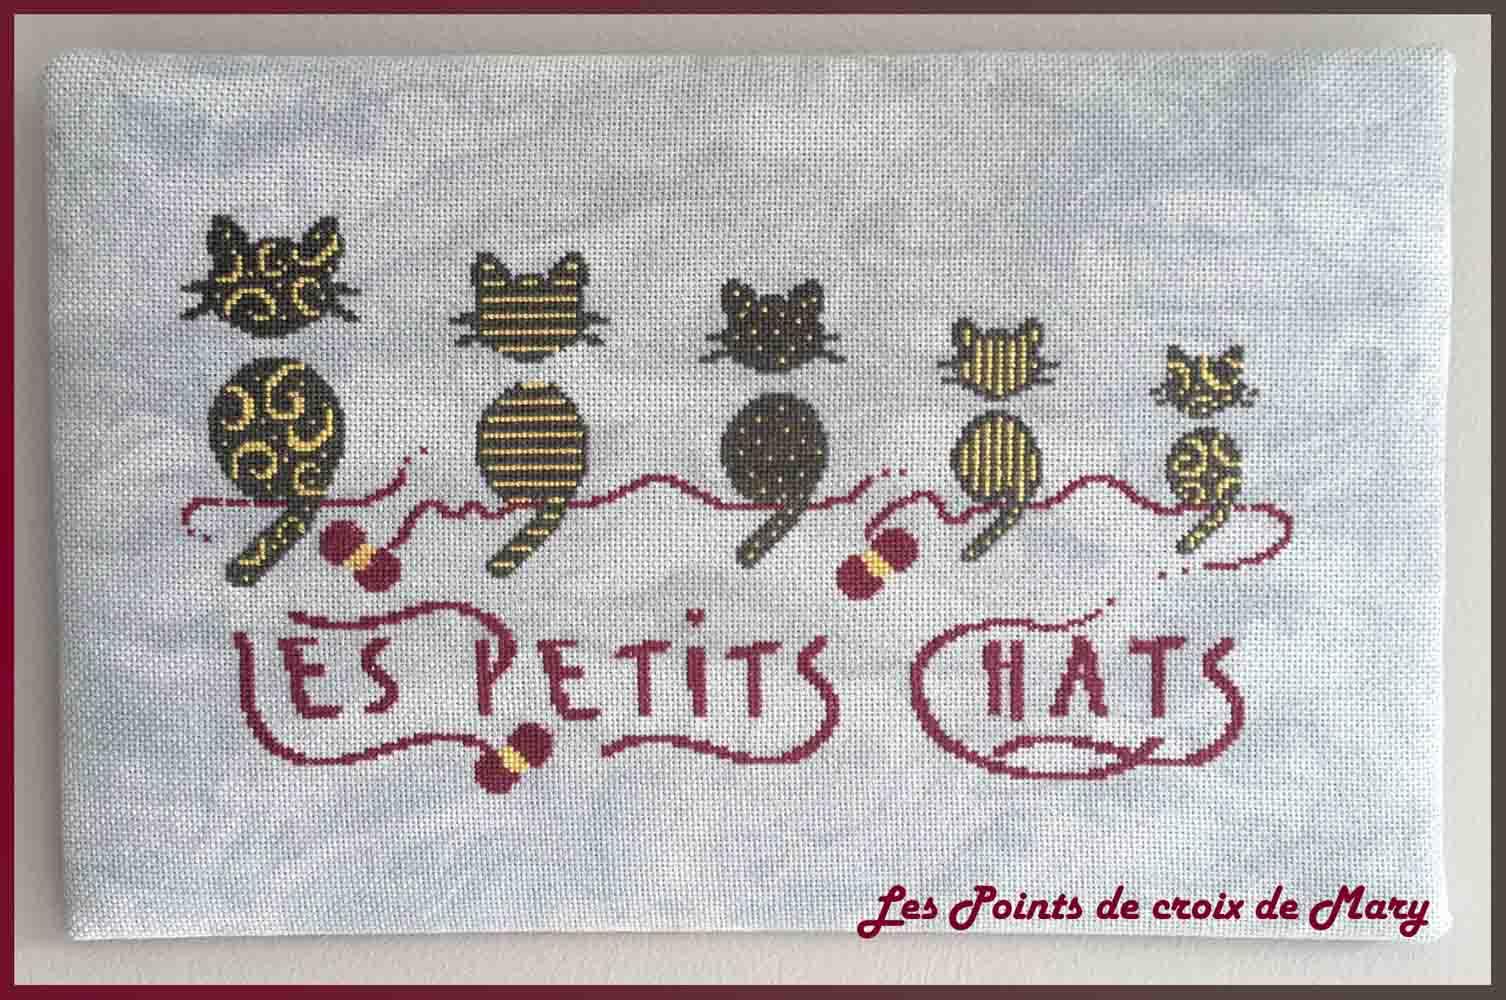 Les Points De Croix De Mary Point De Croix Moderne